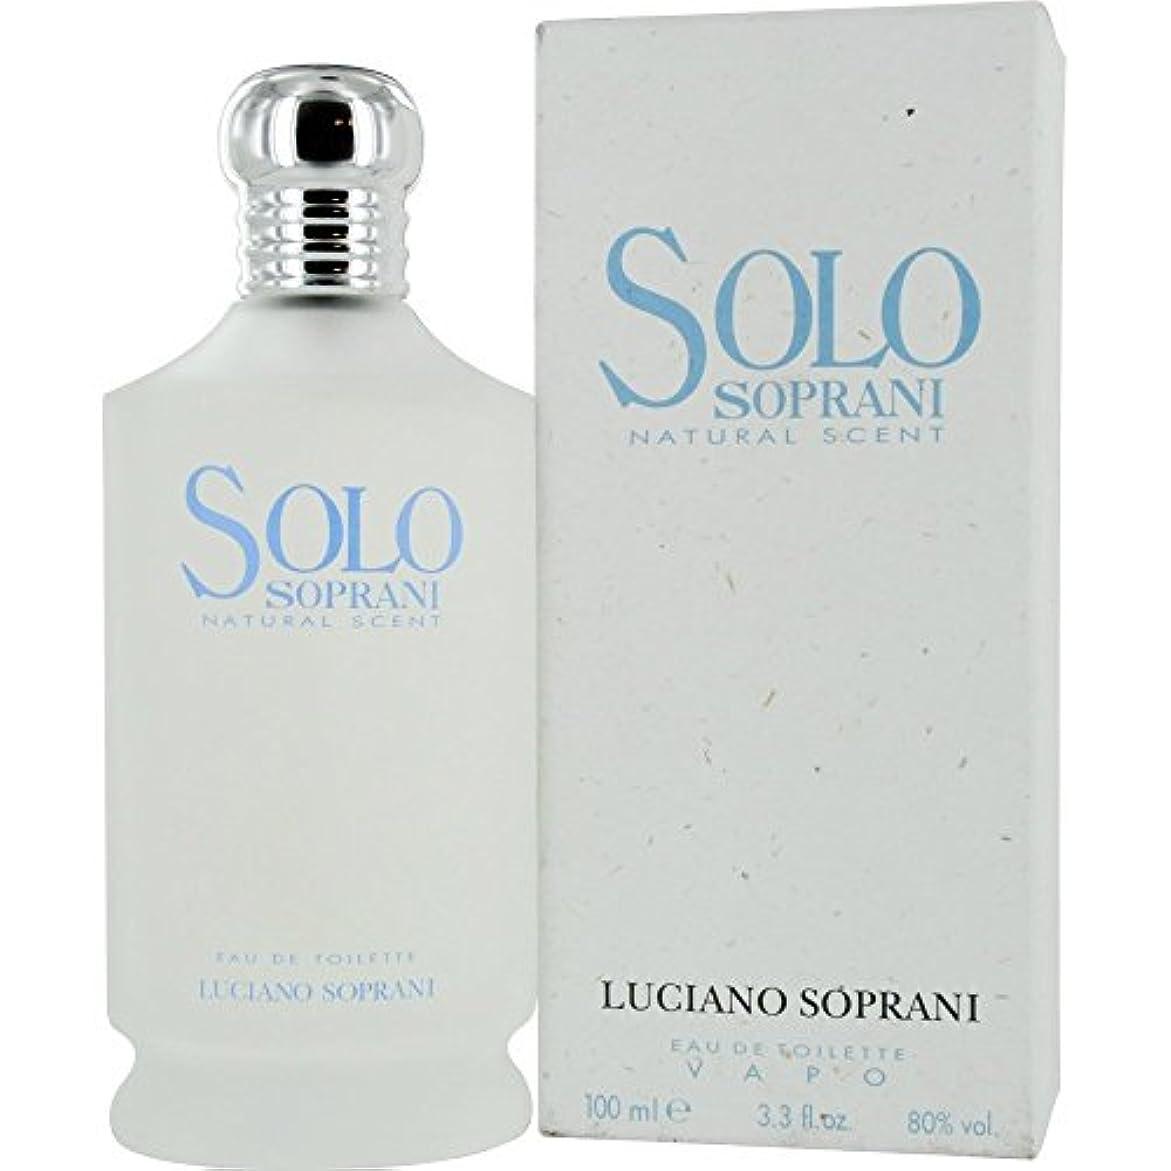 記述するつらい五【ルチアーノ ソプラーニ 香水】ソロ 100ml ET SP 【並行輸入品】